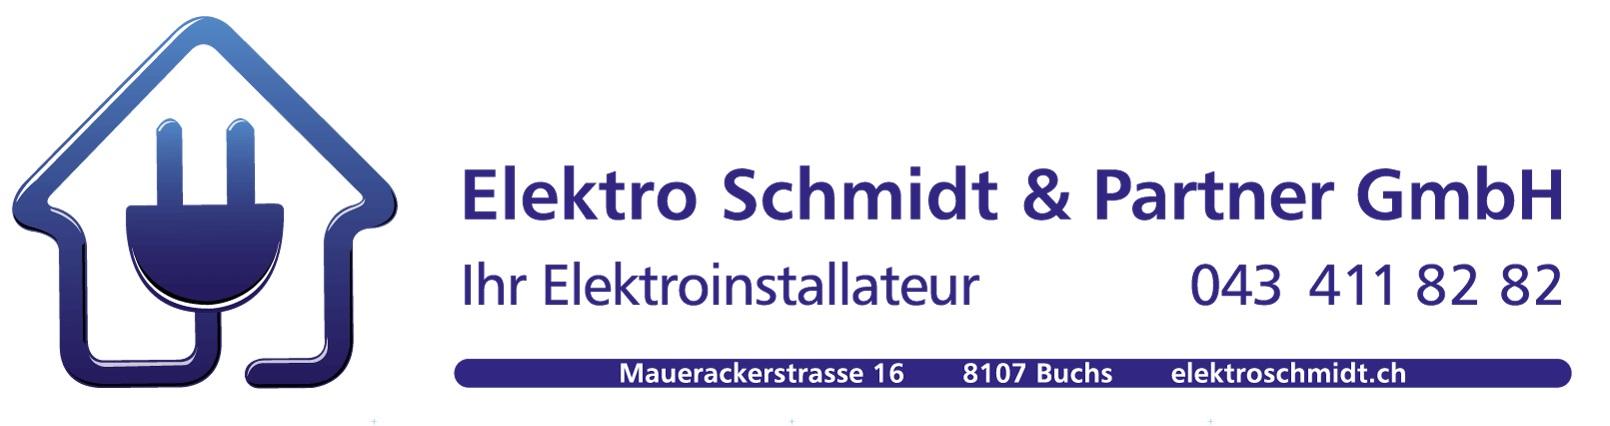 Elekro Schmidt & Partner GmbH